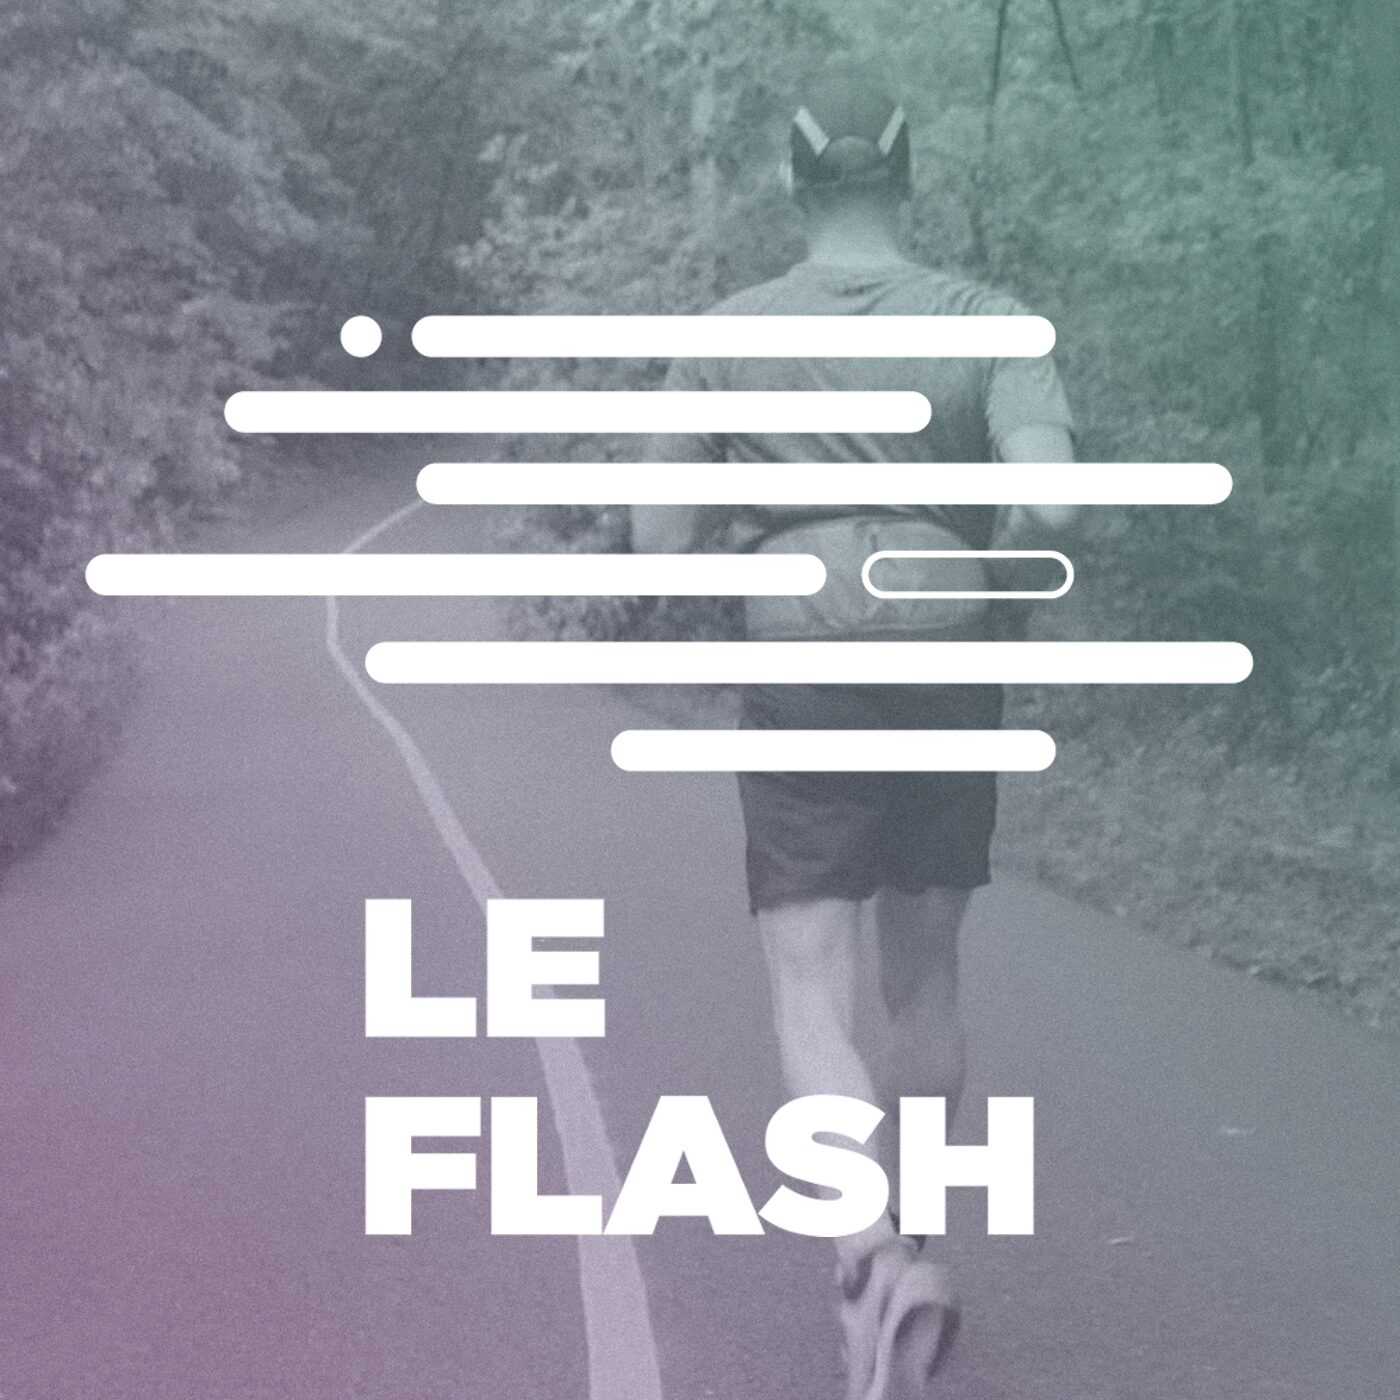 Flash - La réalité augmentée 100% audio !